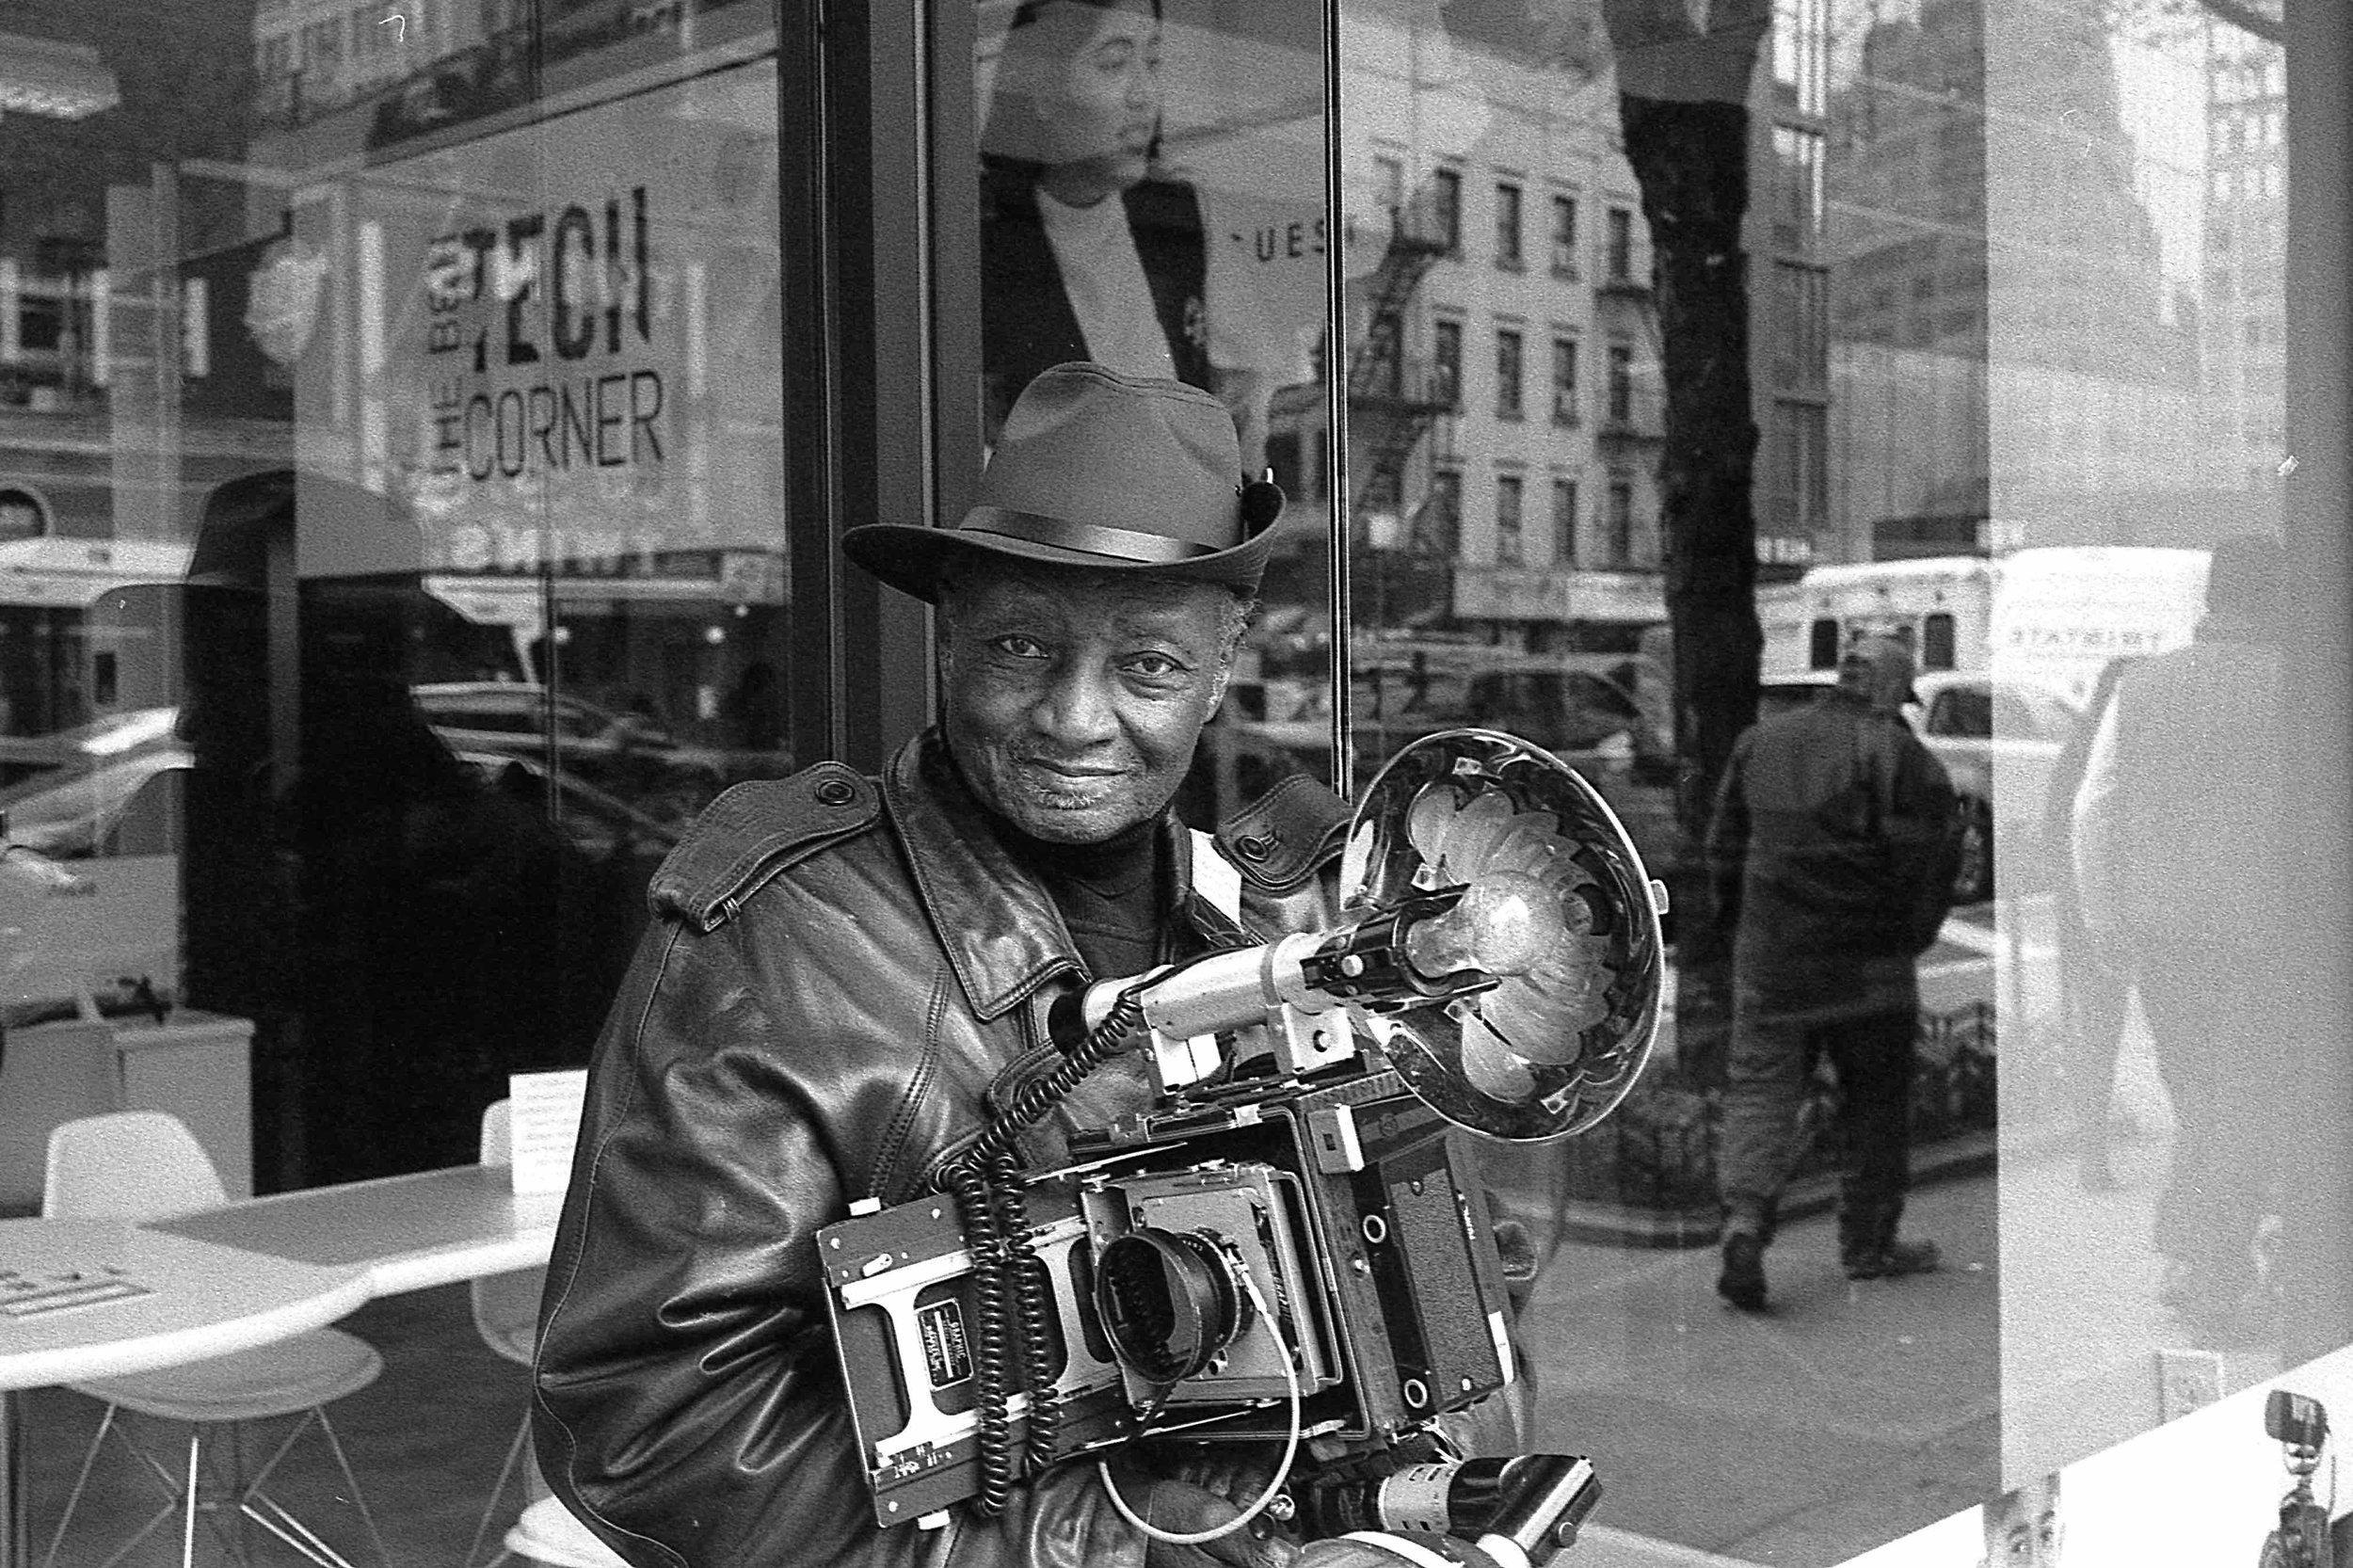 Matt Pittman / Leica M7 / Ilford HP5 / New York City / Louis Mendes